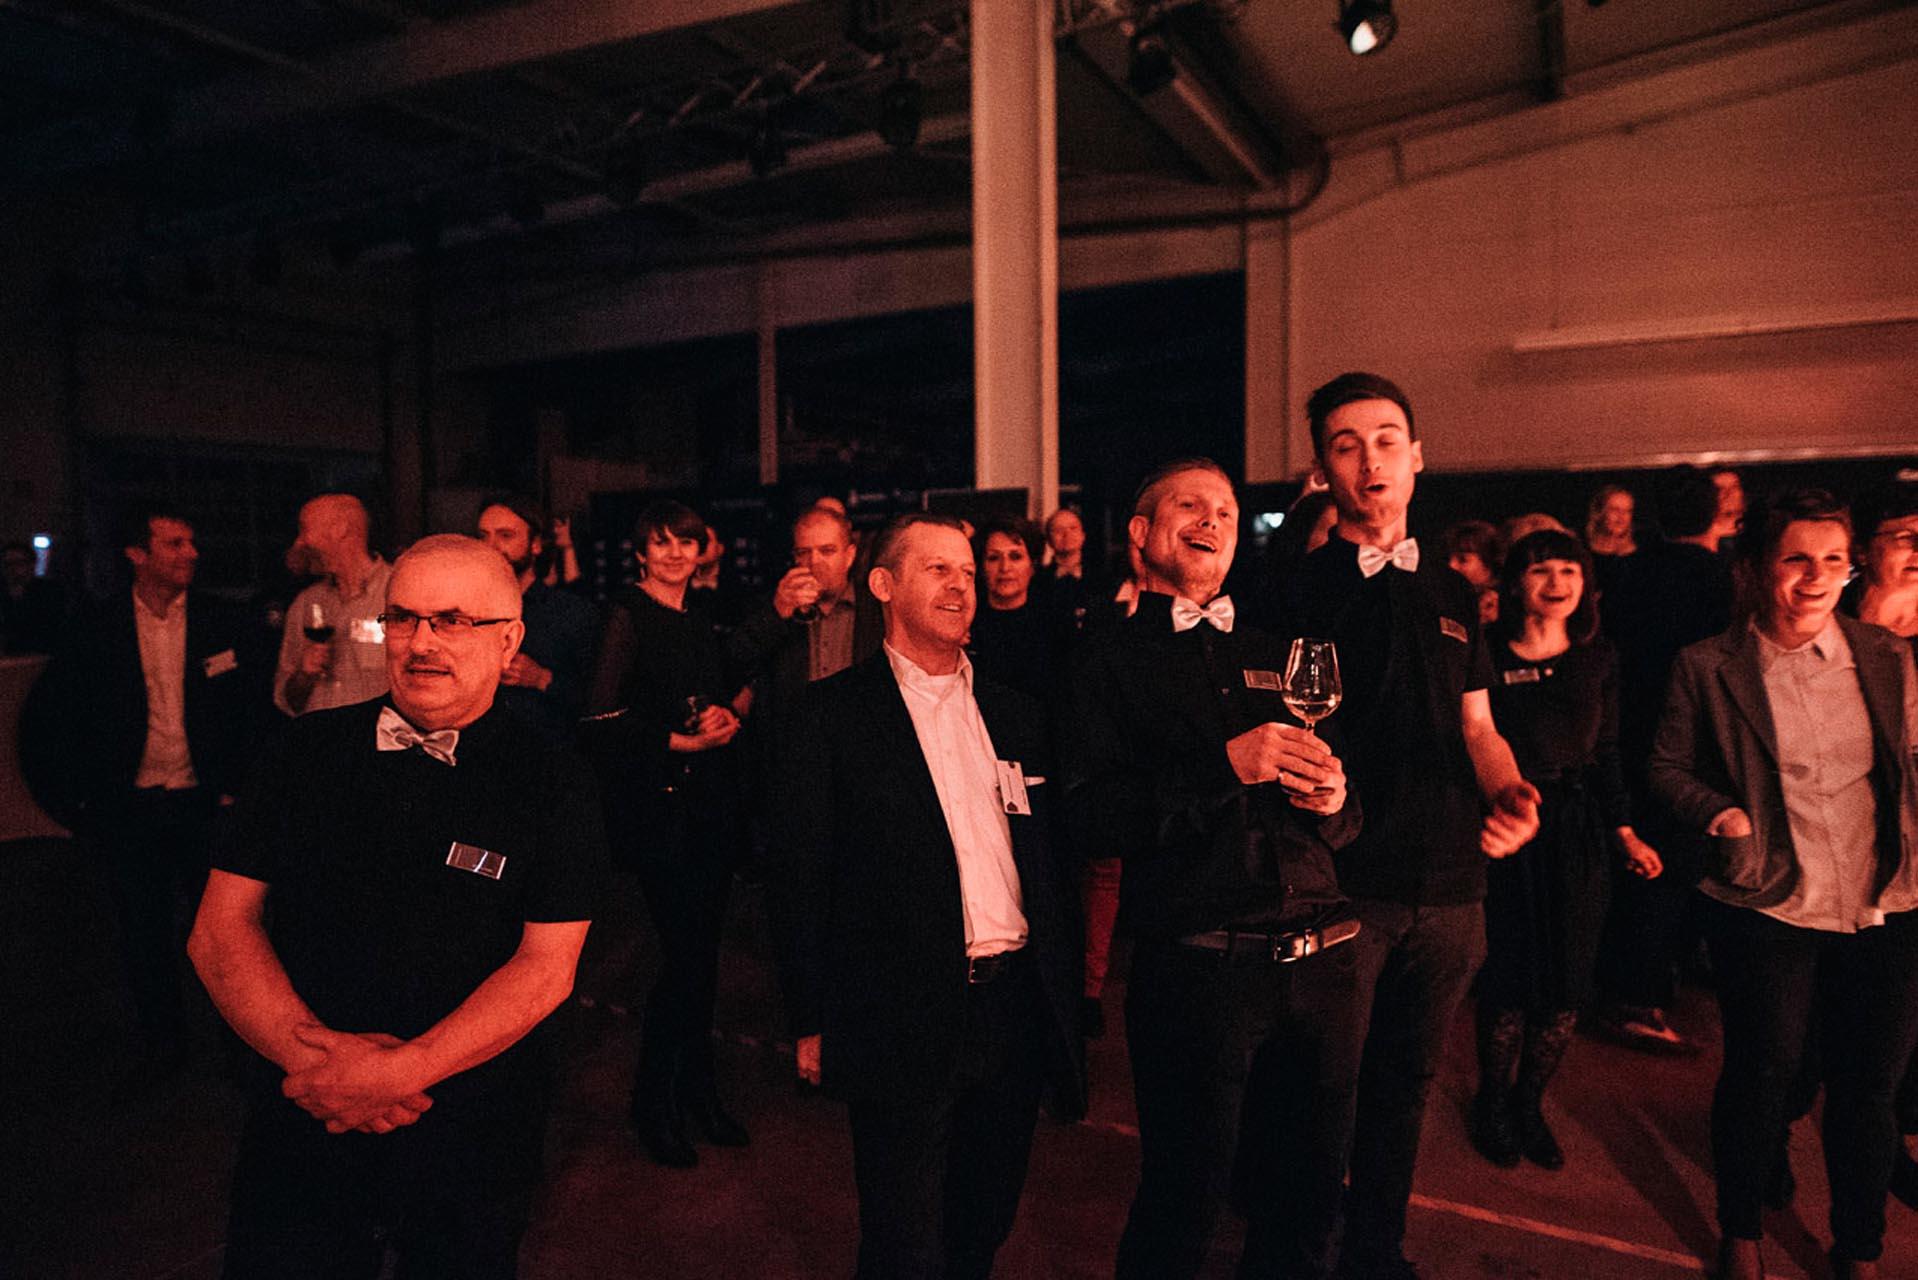 Die Prinzen geben über unsichtbare Lautsprecher von HOMMBRU ein Konzert.